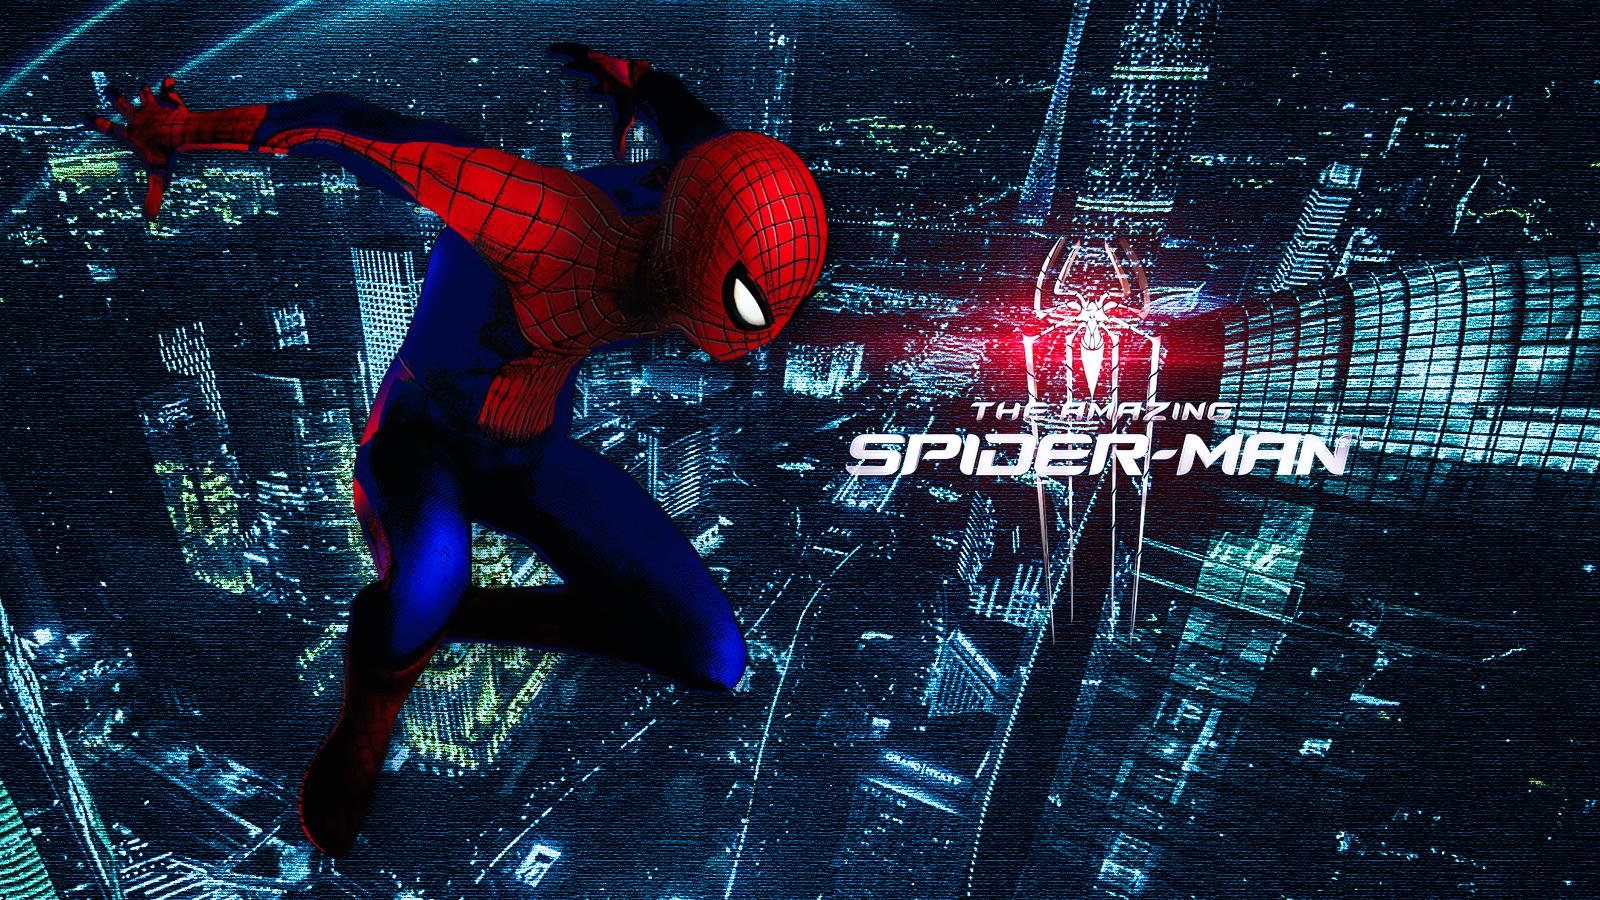 《蜘蛛侠·英雄归来》